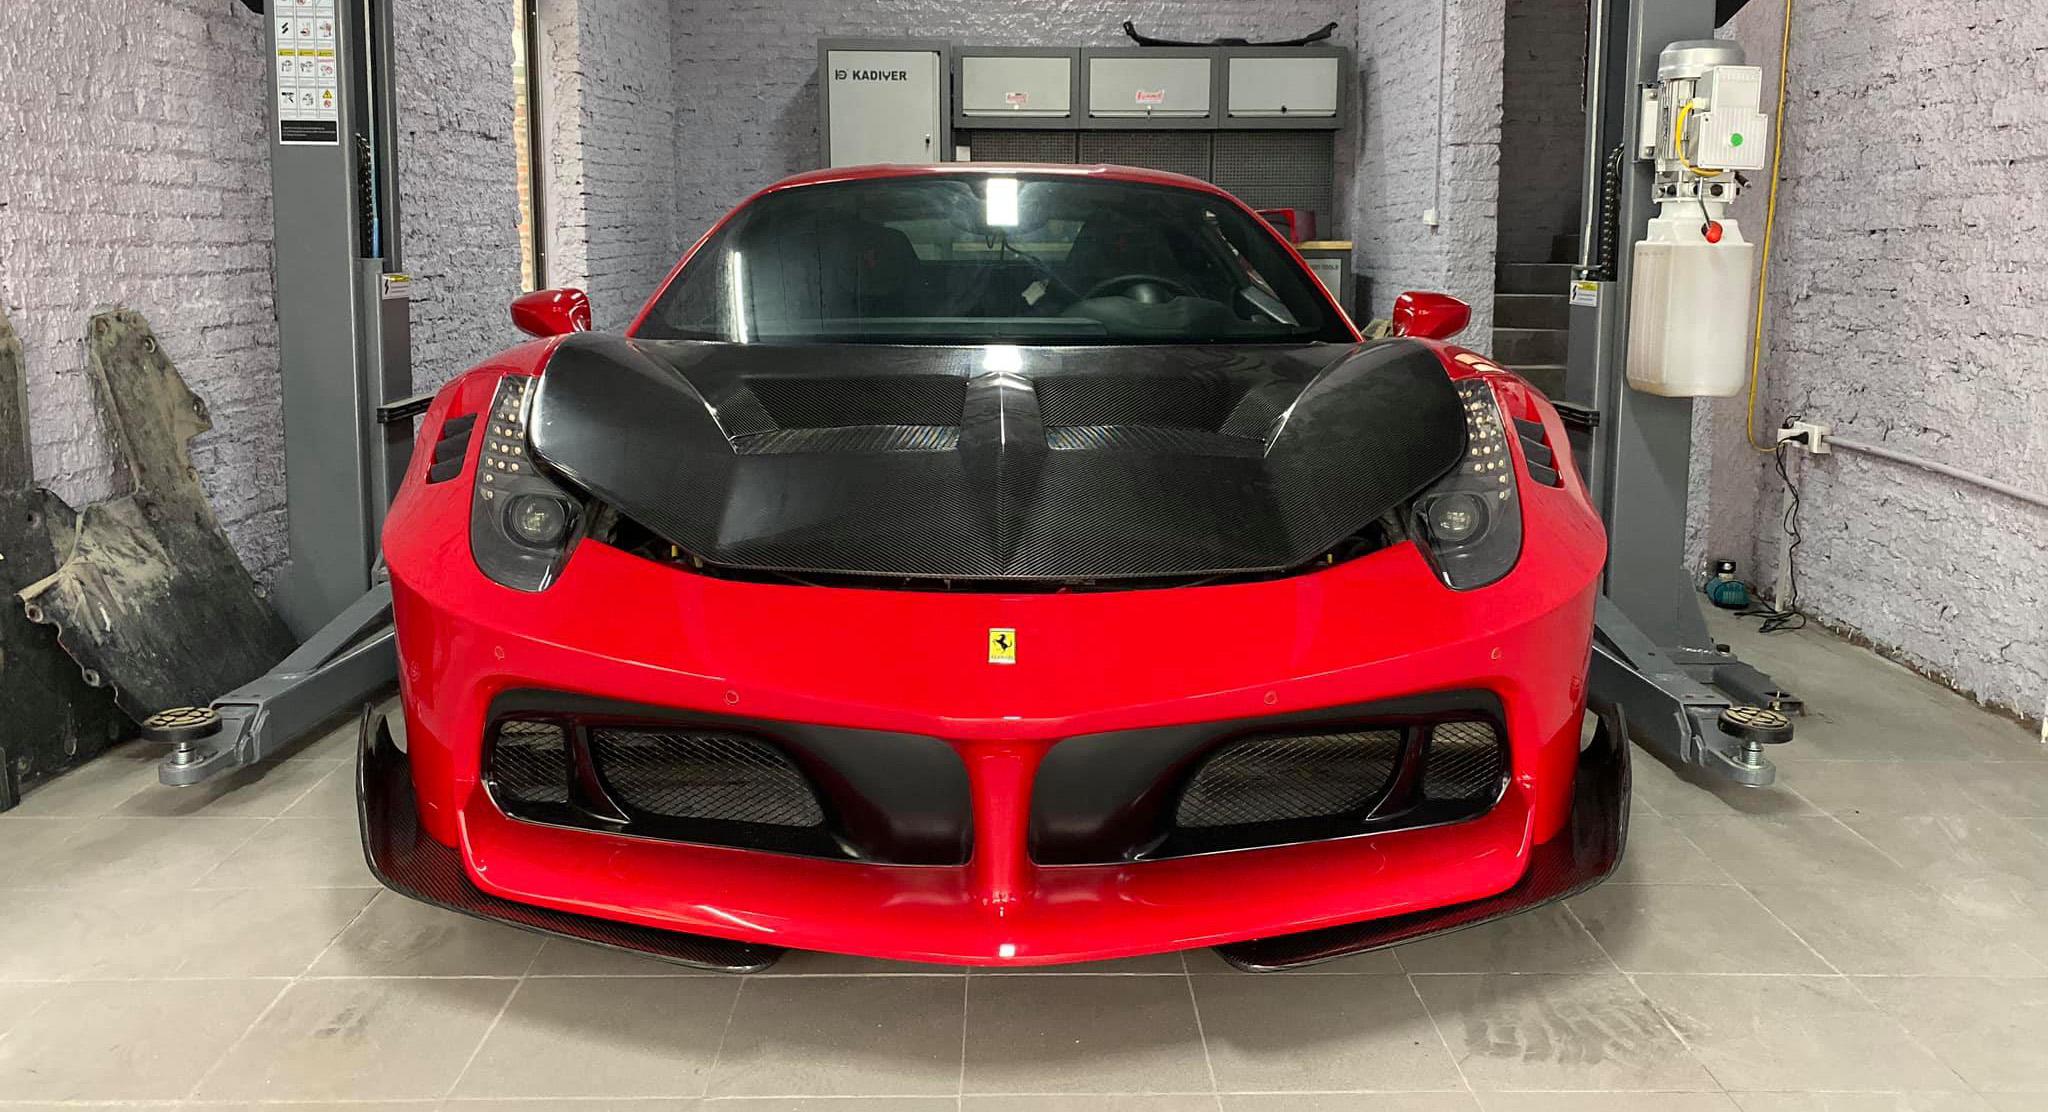 Ferrari 458 Italia thứ 2 tại Việt Nam độ thân rộng, đầu như LaFerrari